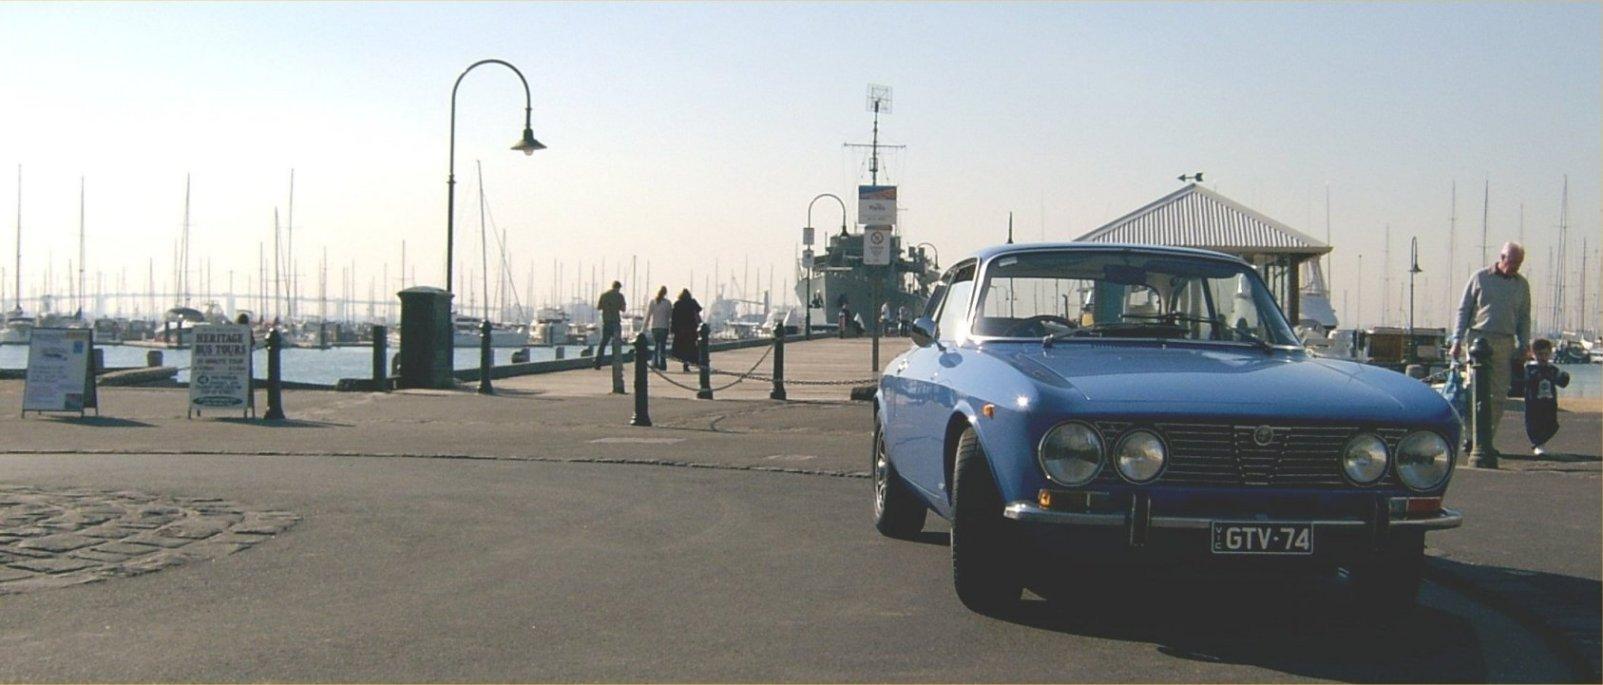 '74 GTV 2000 - LeMans Blue